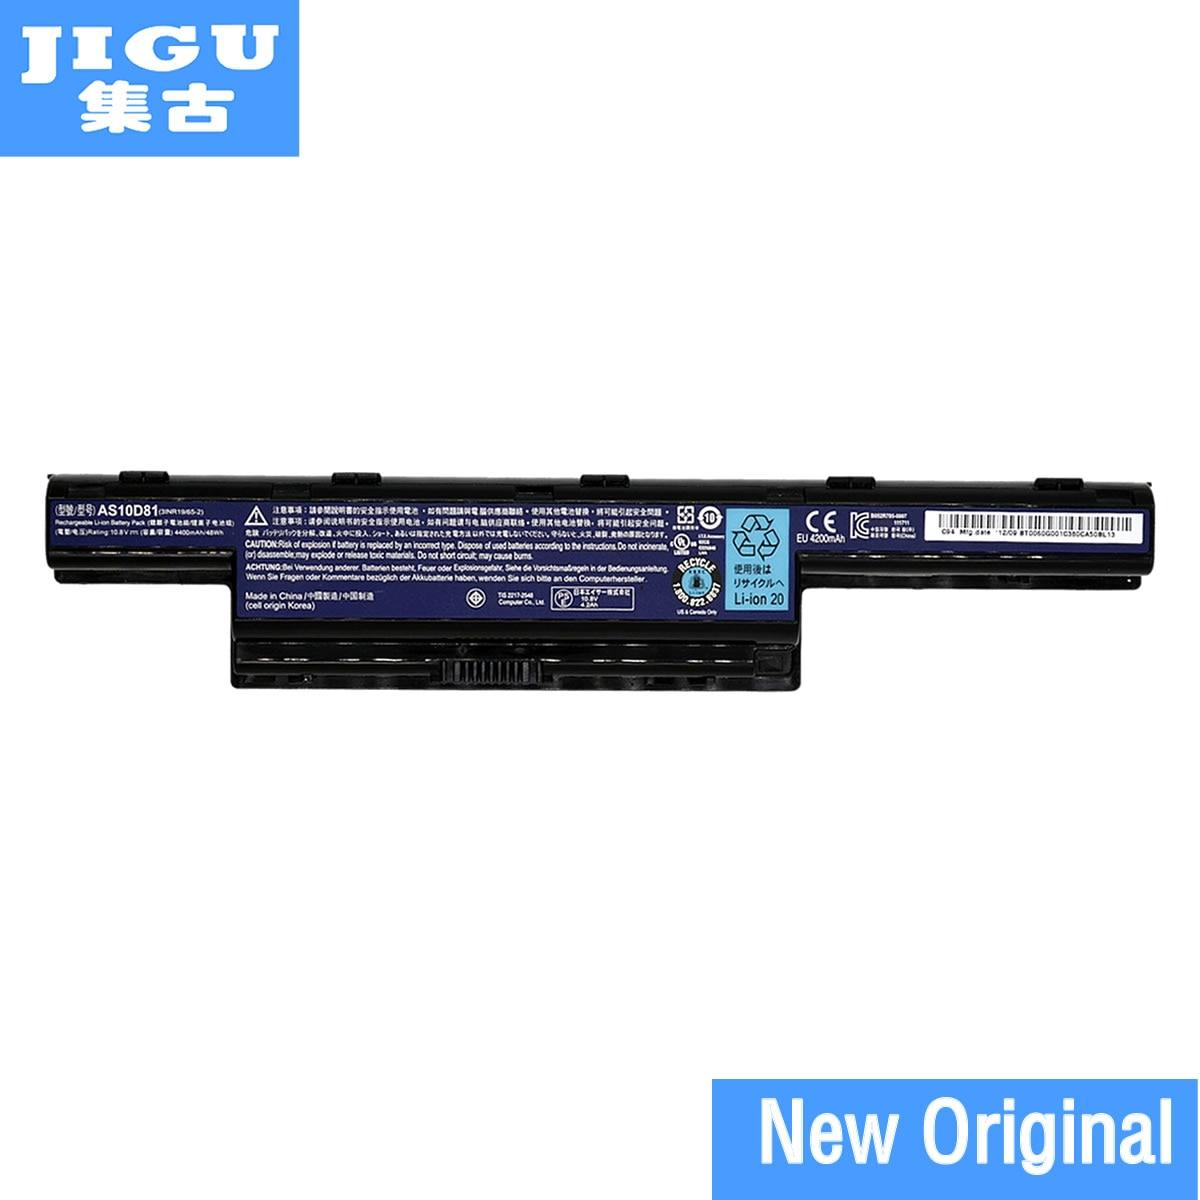 Acer Keyboard E1 421 431 4716 Daftar Harga Terbaru Dan Baterai Aspire 421g 431g 471 471g 521 531 V3 Oem Jigu Original Laptop Battery For 451g